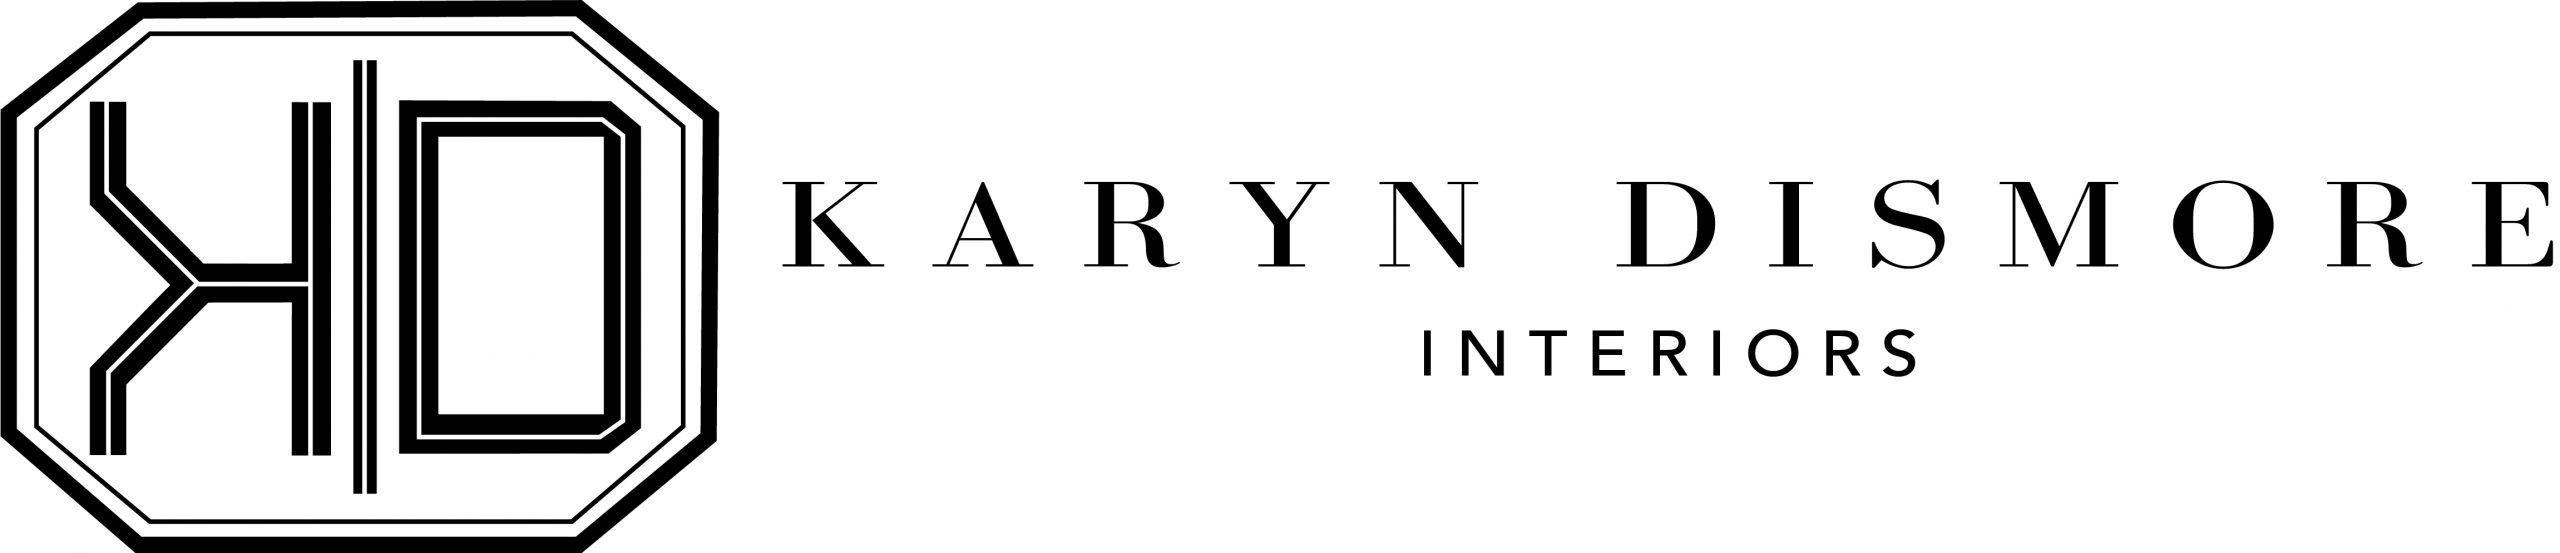 Karyn Dismore Interiors